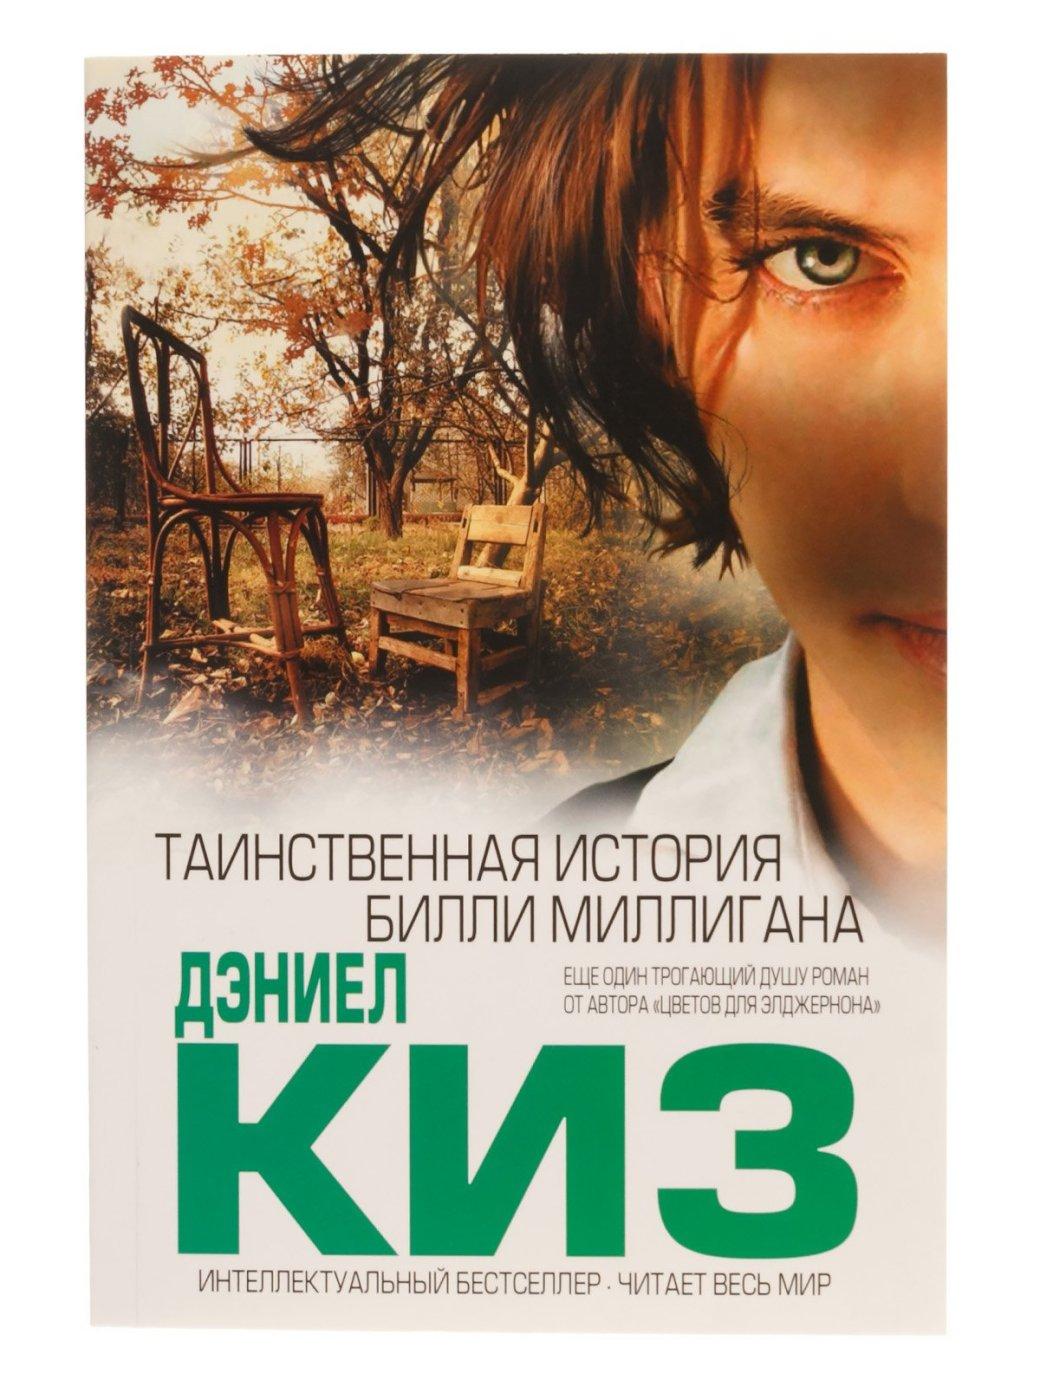 Лучшие книги про маньяков, основанные на реальных событиях - топ романов про серийных убийц | Канобу - Изображение 1